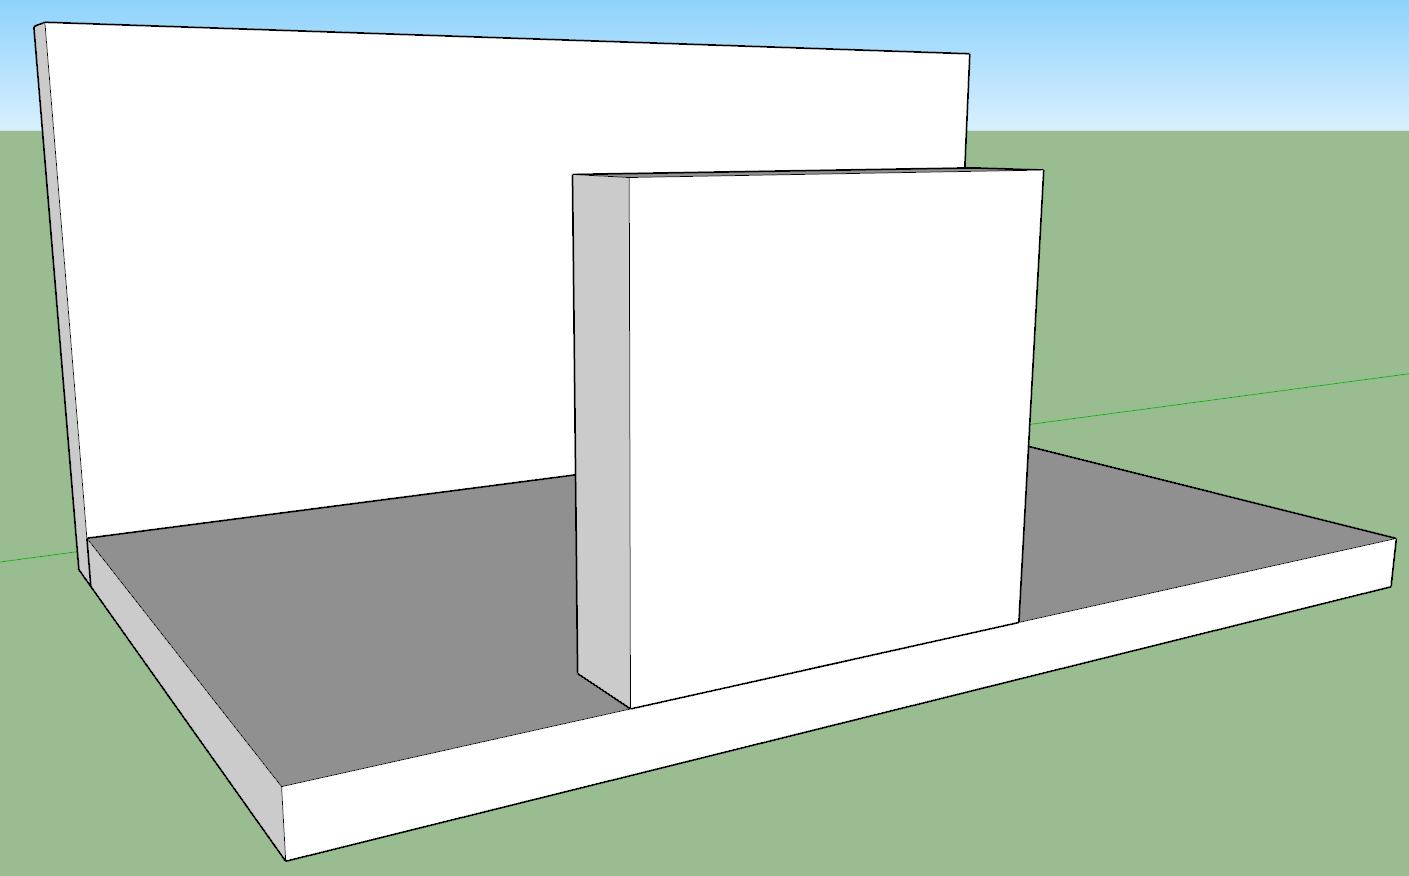 Nascondere un oggetto in sketchup